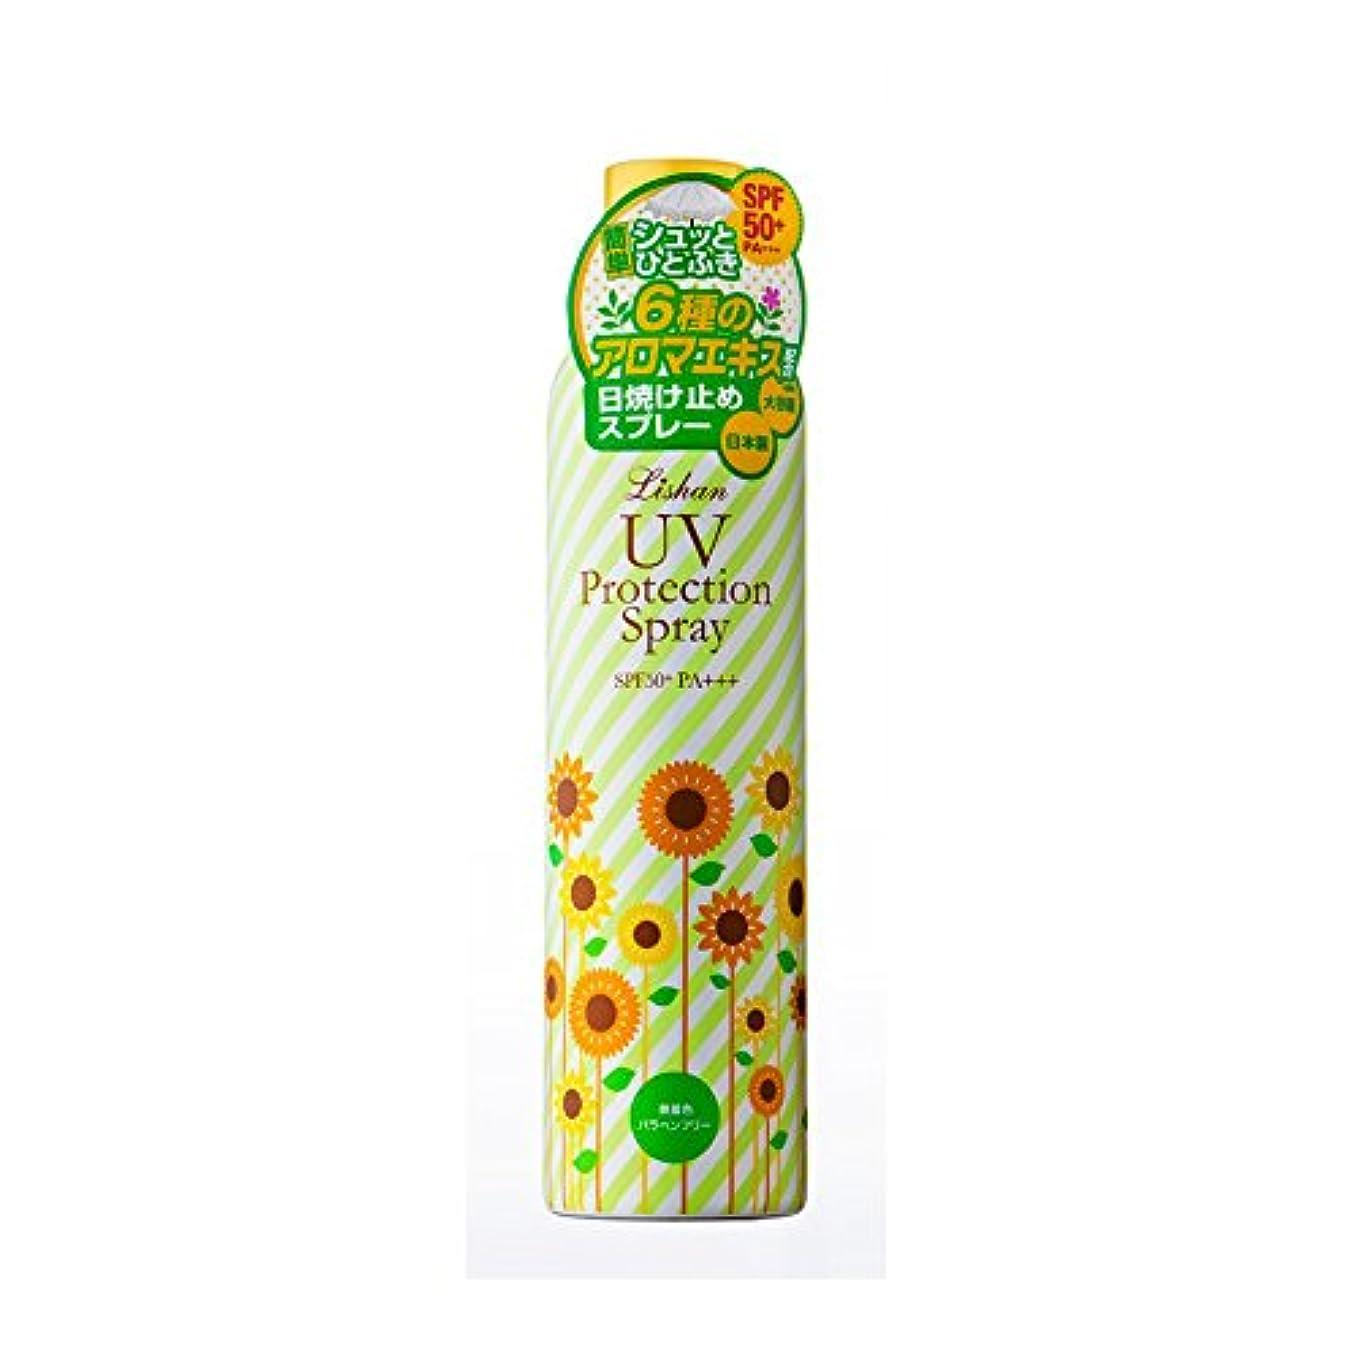 未就学かろうじて見込みリシャン 大容量UVスプレー アロマミックスの香り (230g)